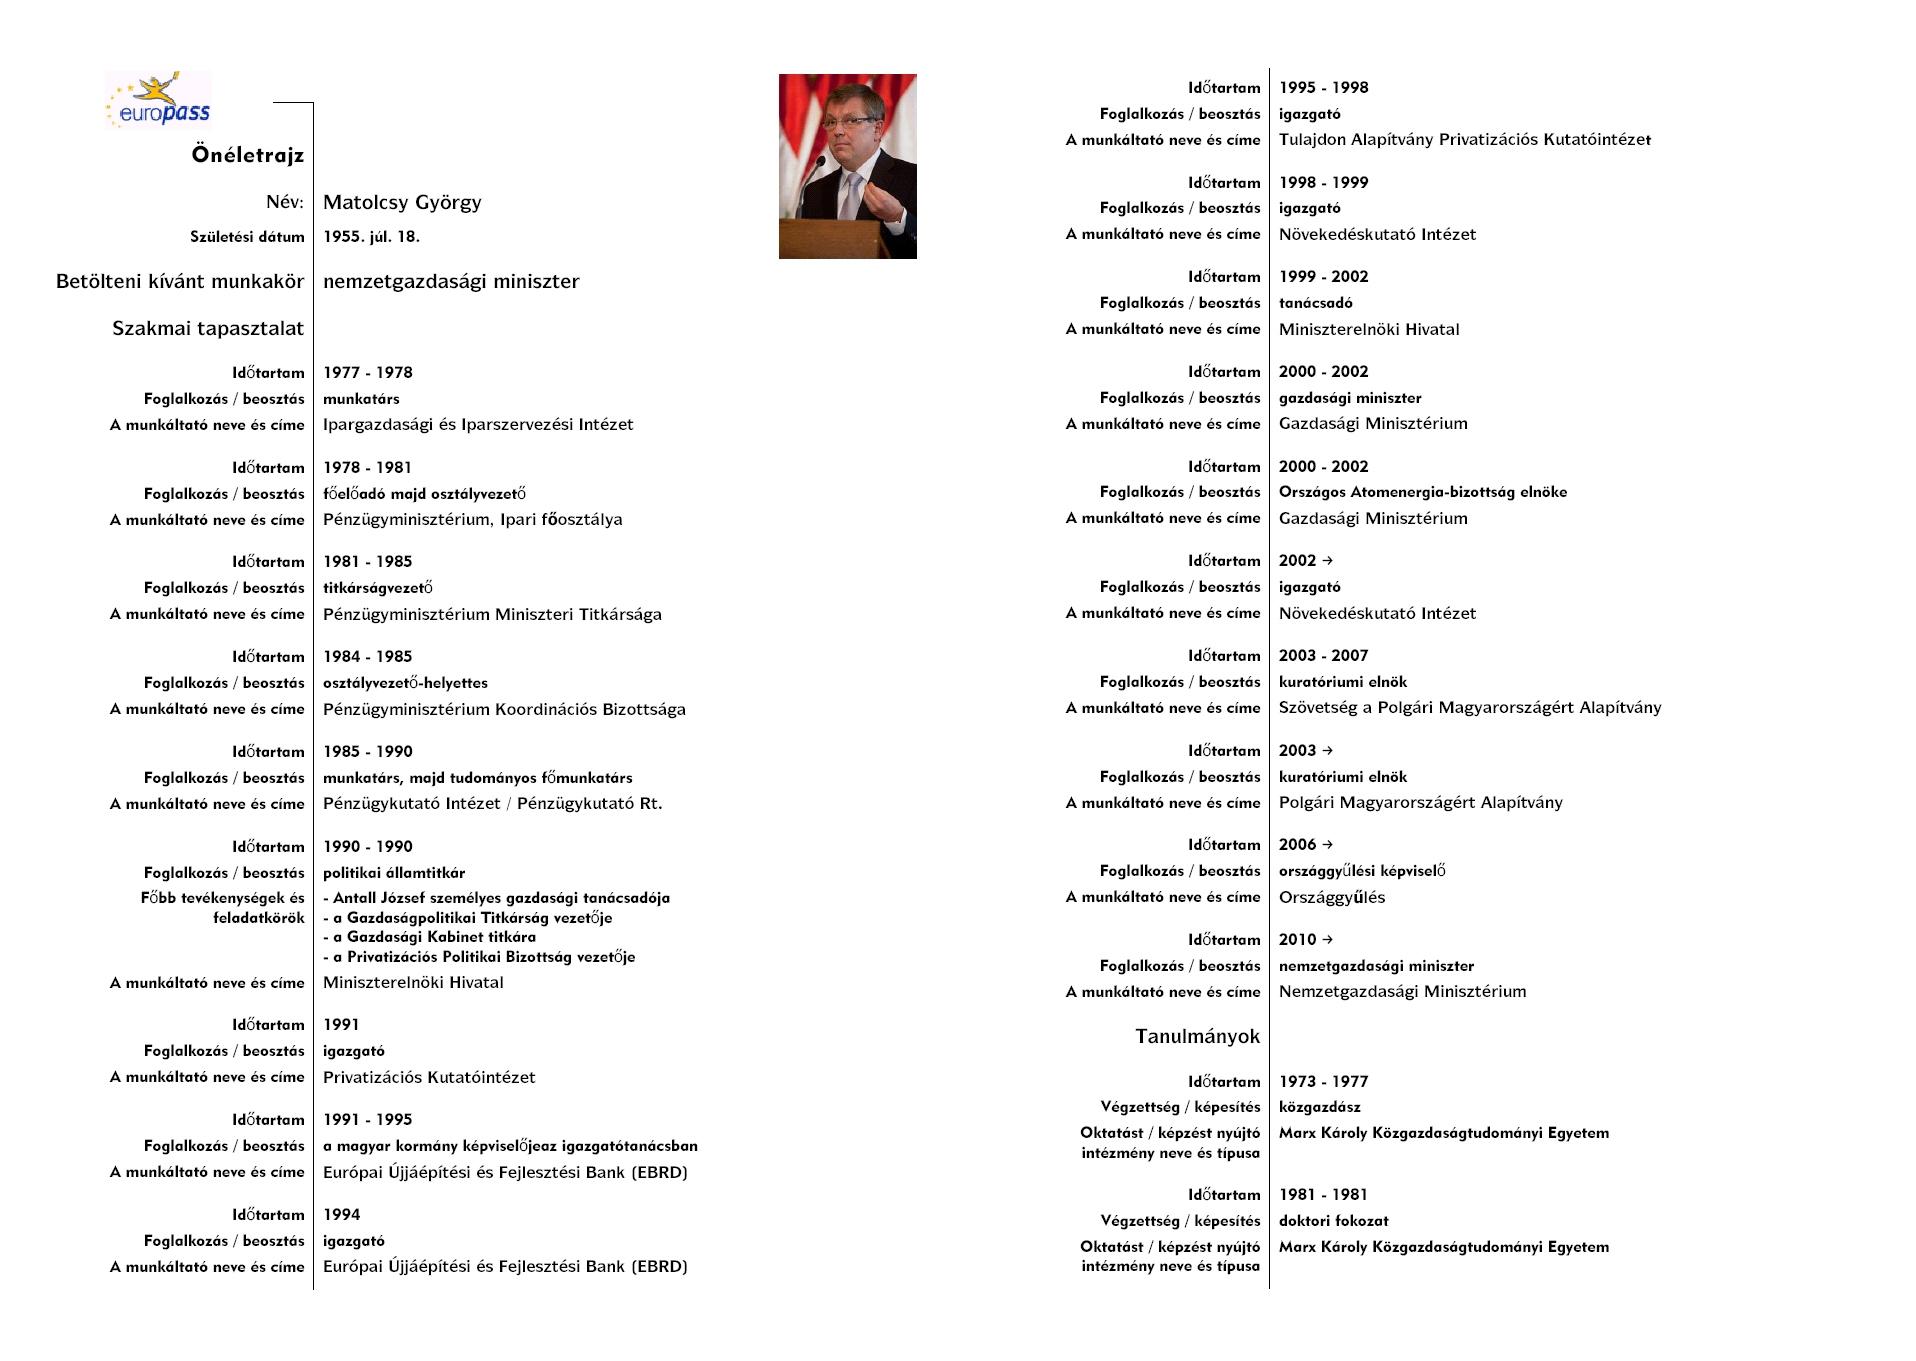 önéletrajz minta közigazgatás 2013 | szendamondja | 28 oldal önéletrajz minta közigazgatás